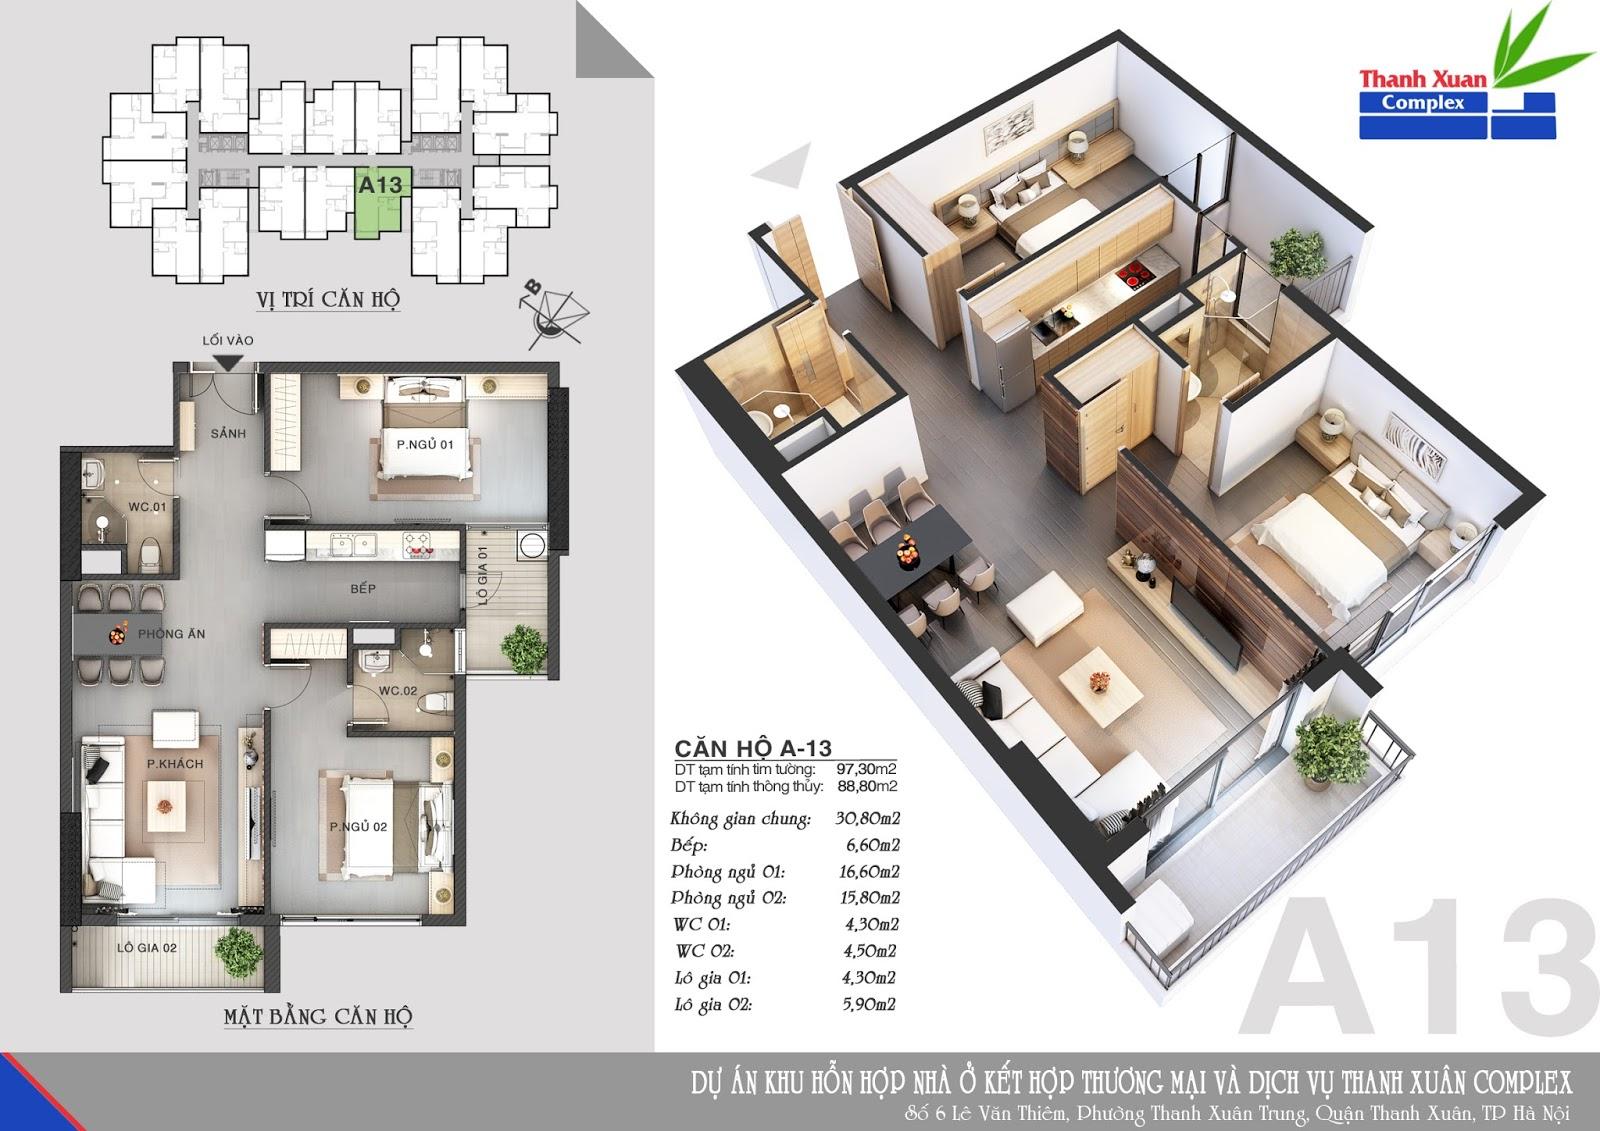 Mặt bằng căn hộ chung cư Thanh Xuân ComPlex 2